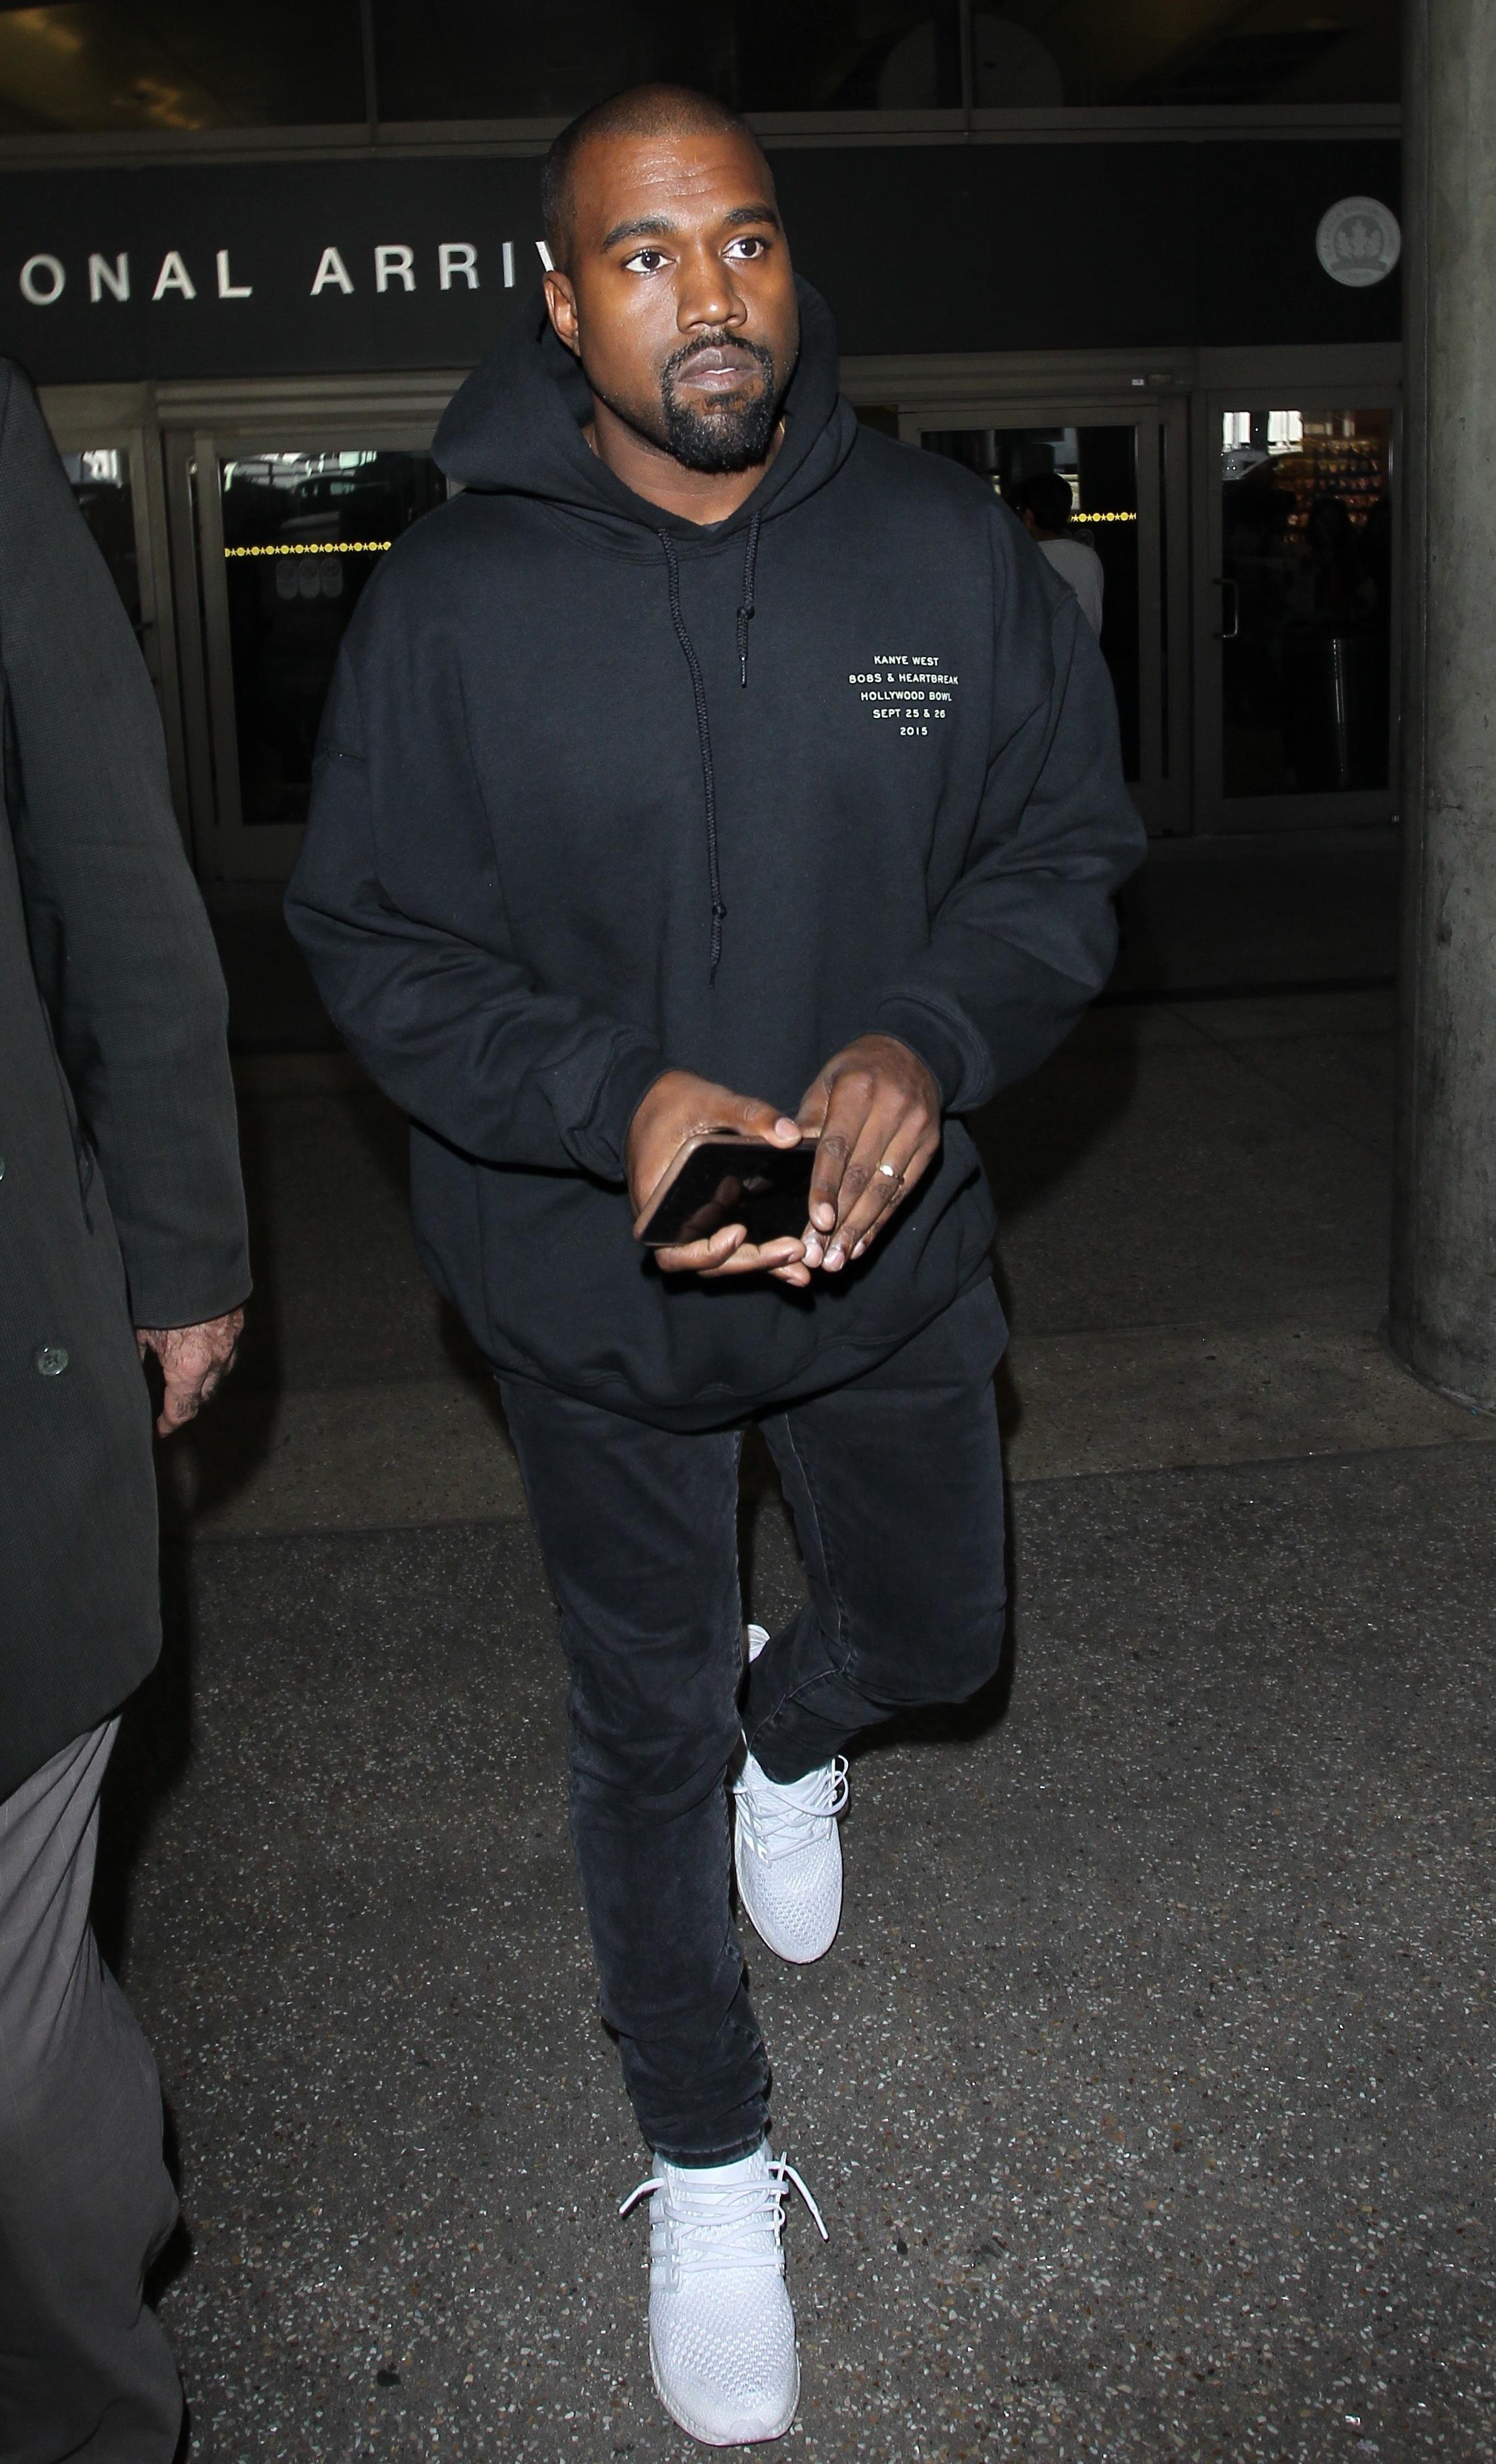 Zara knocks off Kanye West's kicks